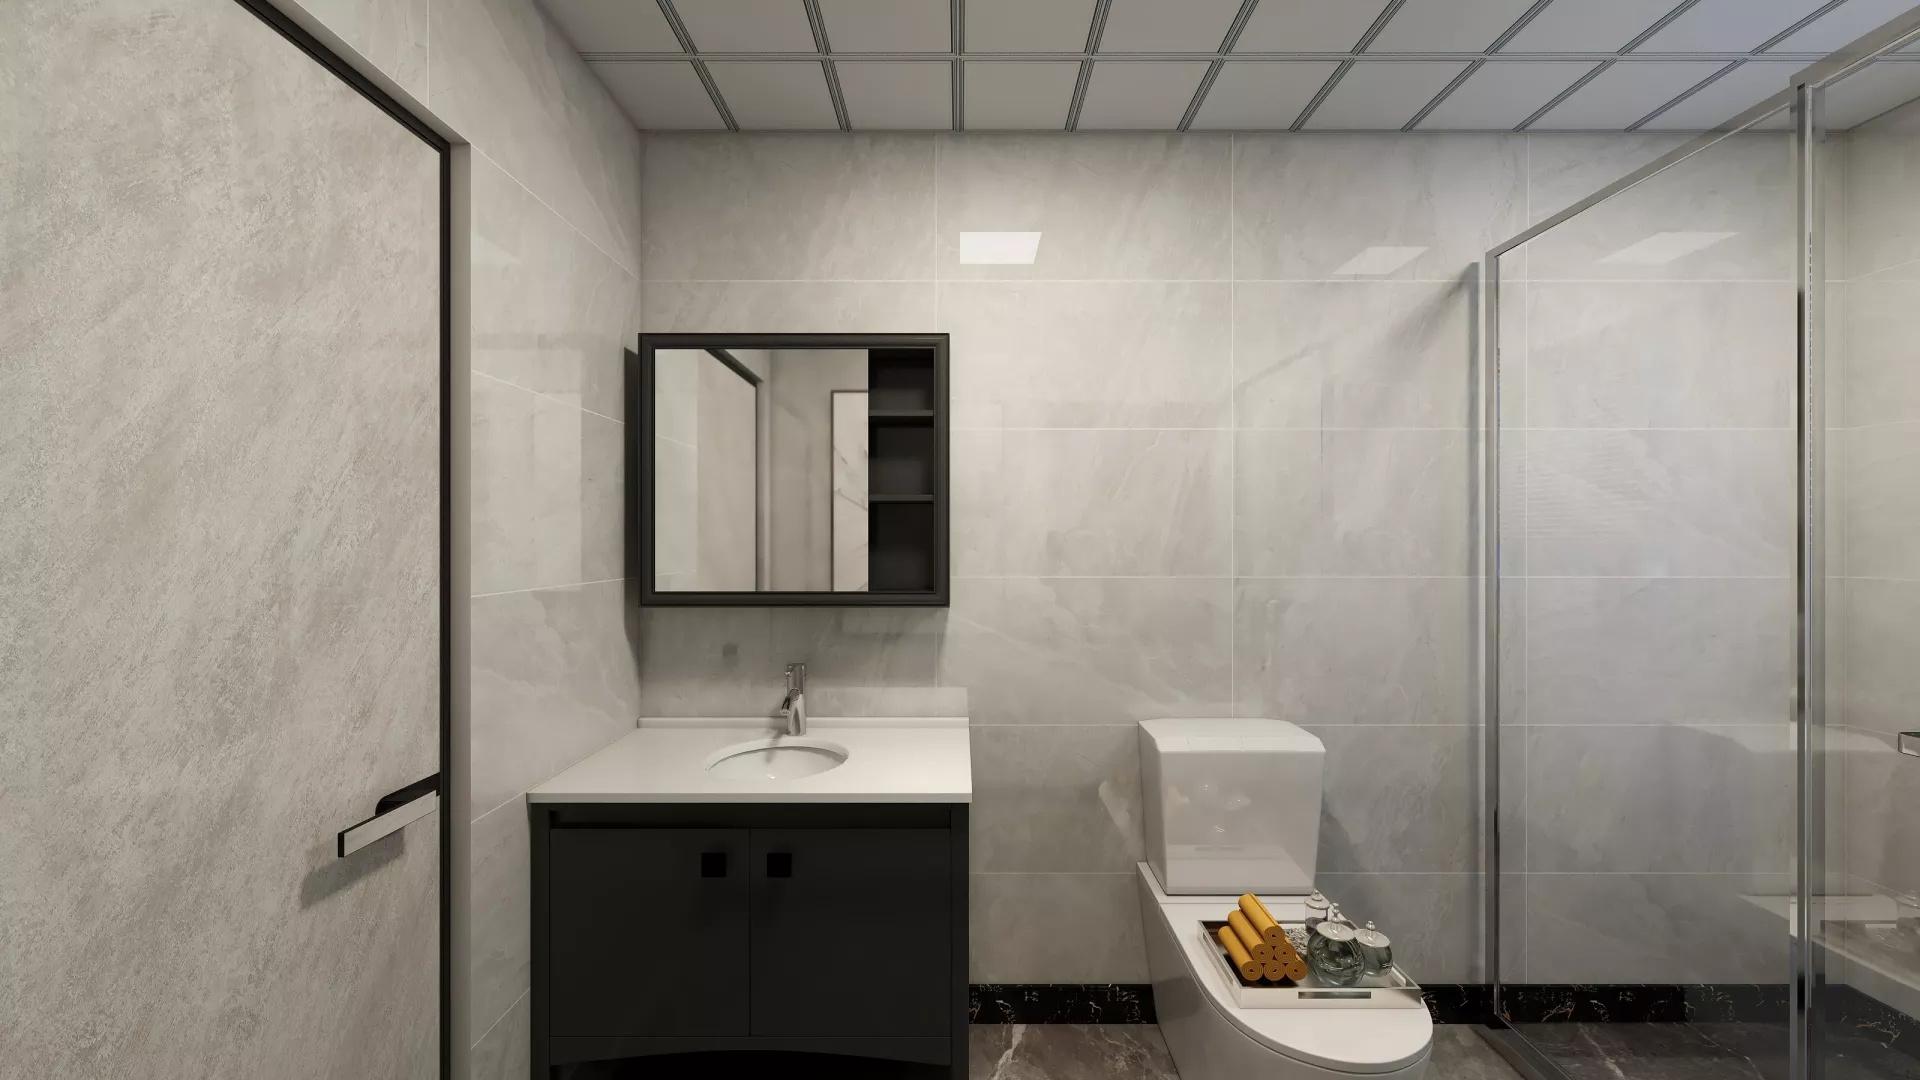 2018中国十大瓷砖品牌排行榜 哪个牌子的瓷砖质量好